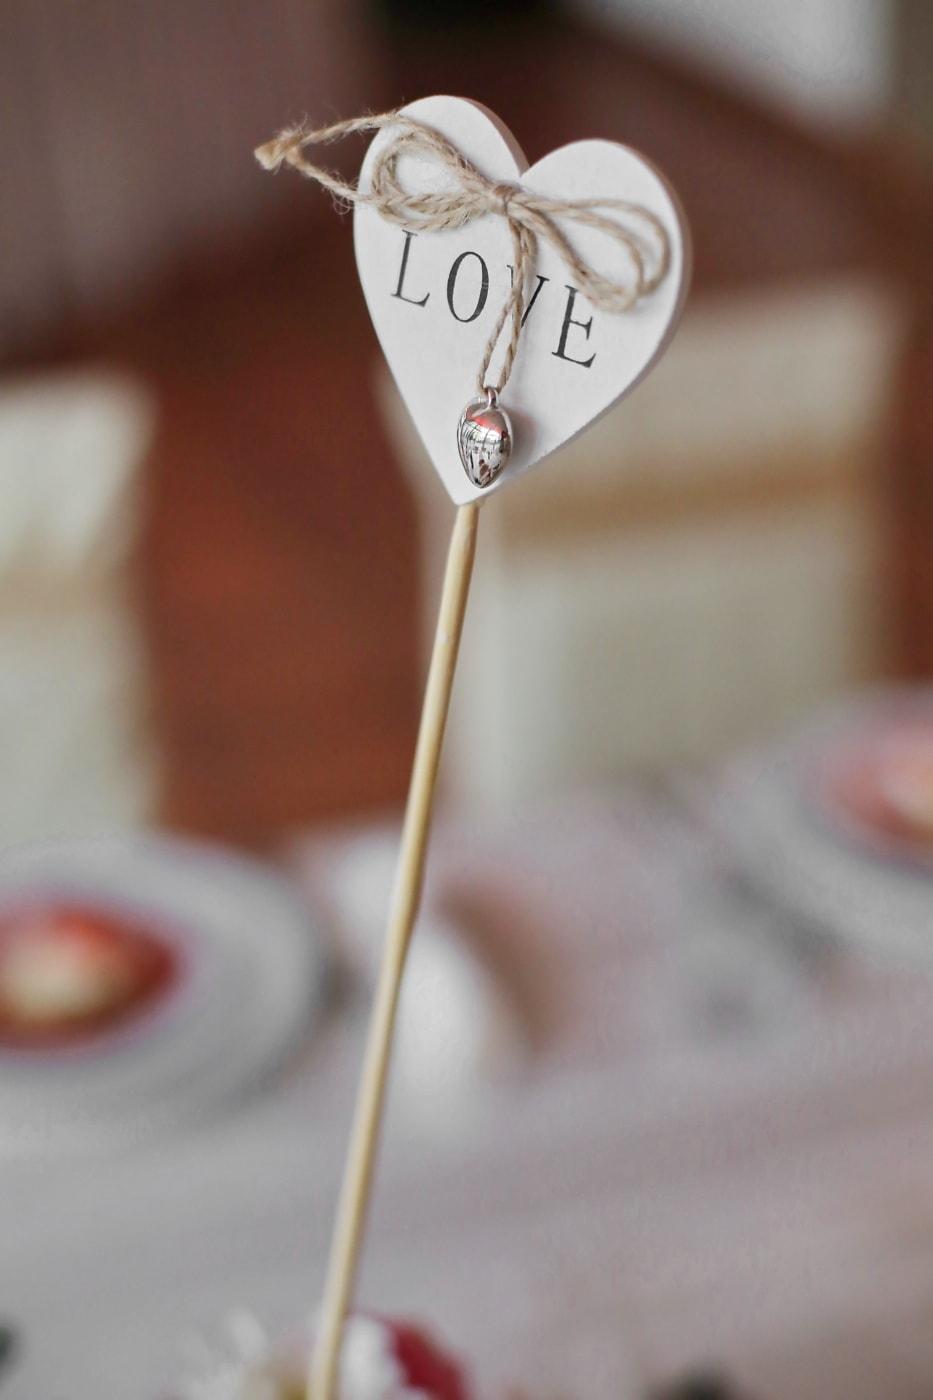 gift, love, shape, heart, wooden, handmade, romance, wood, still life, blur